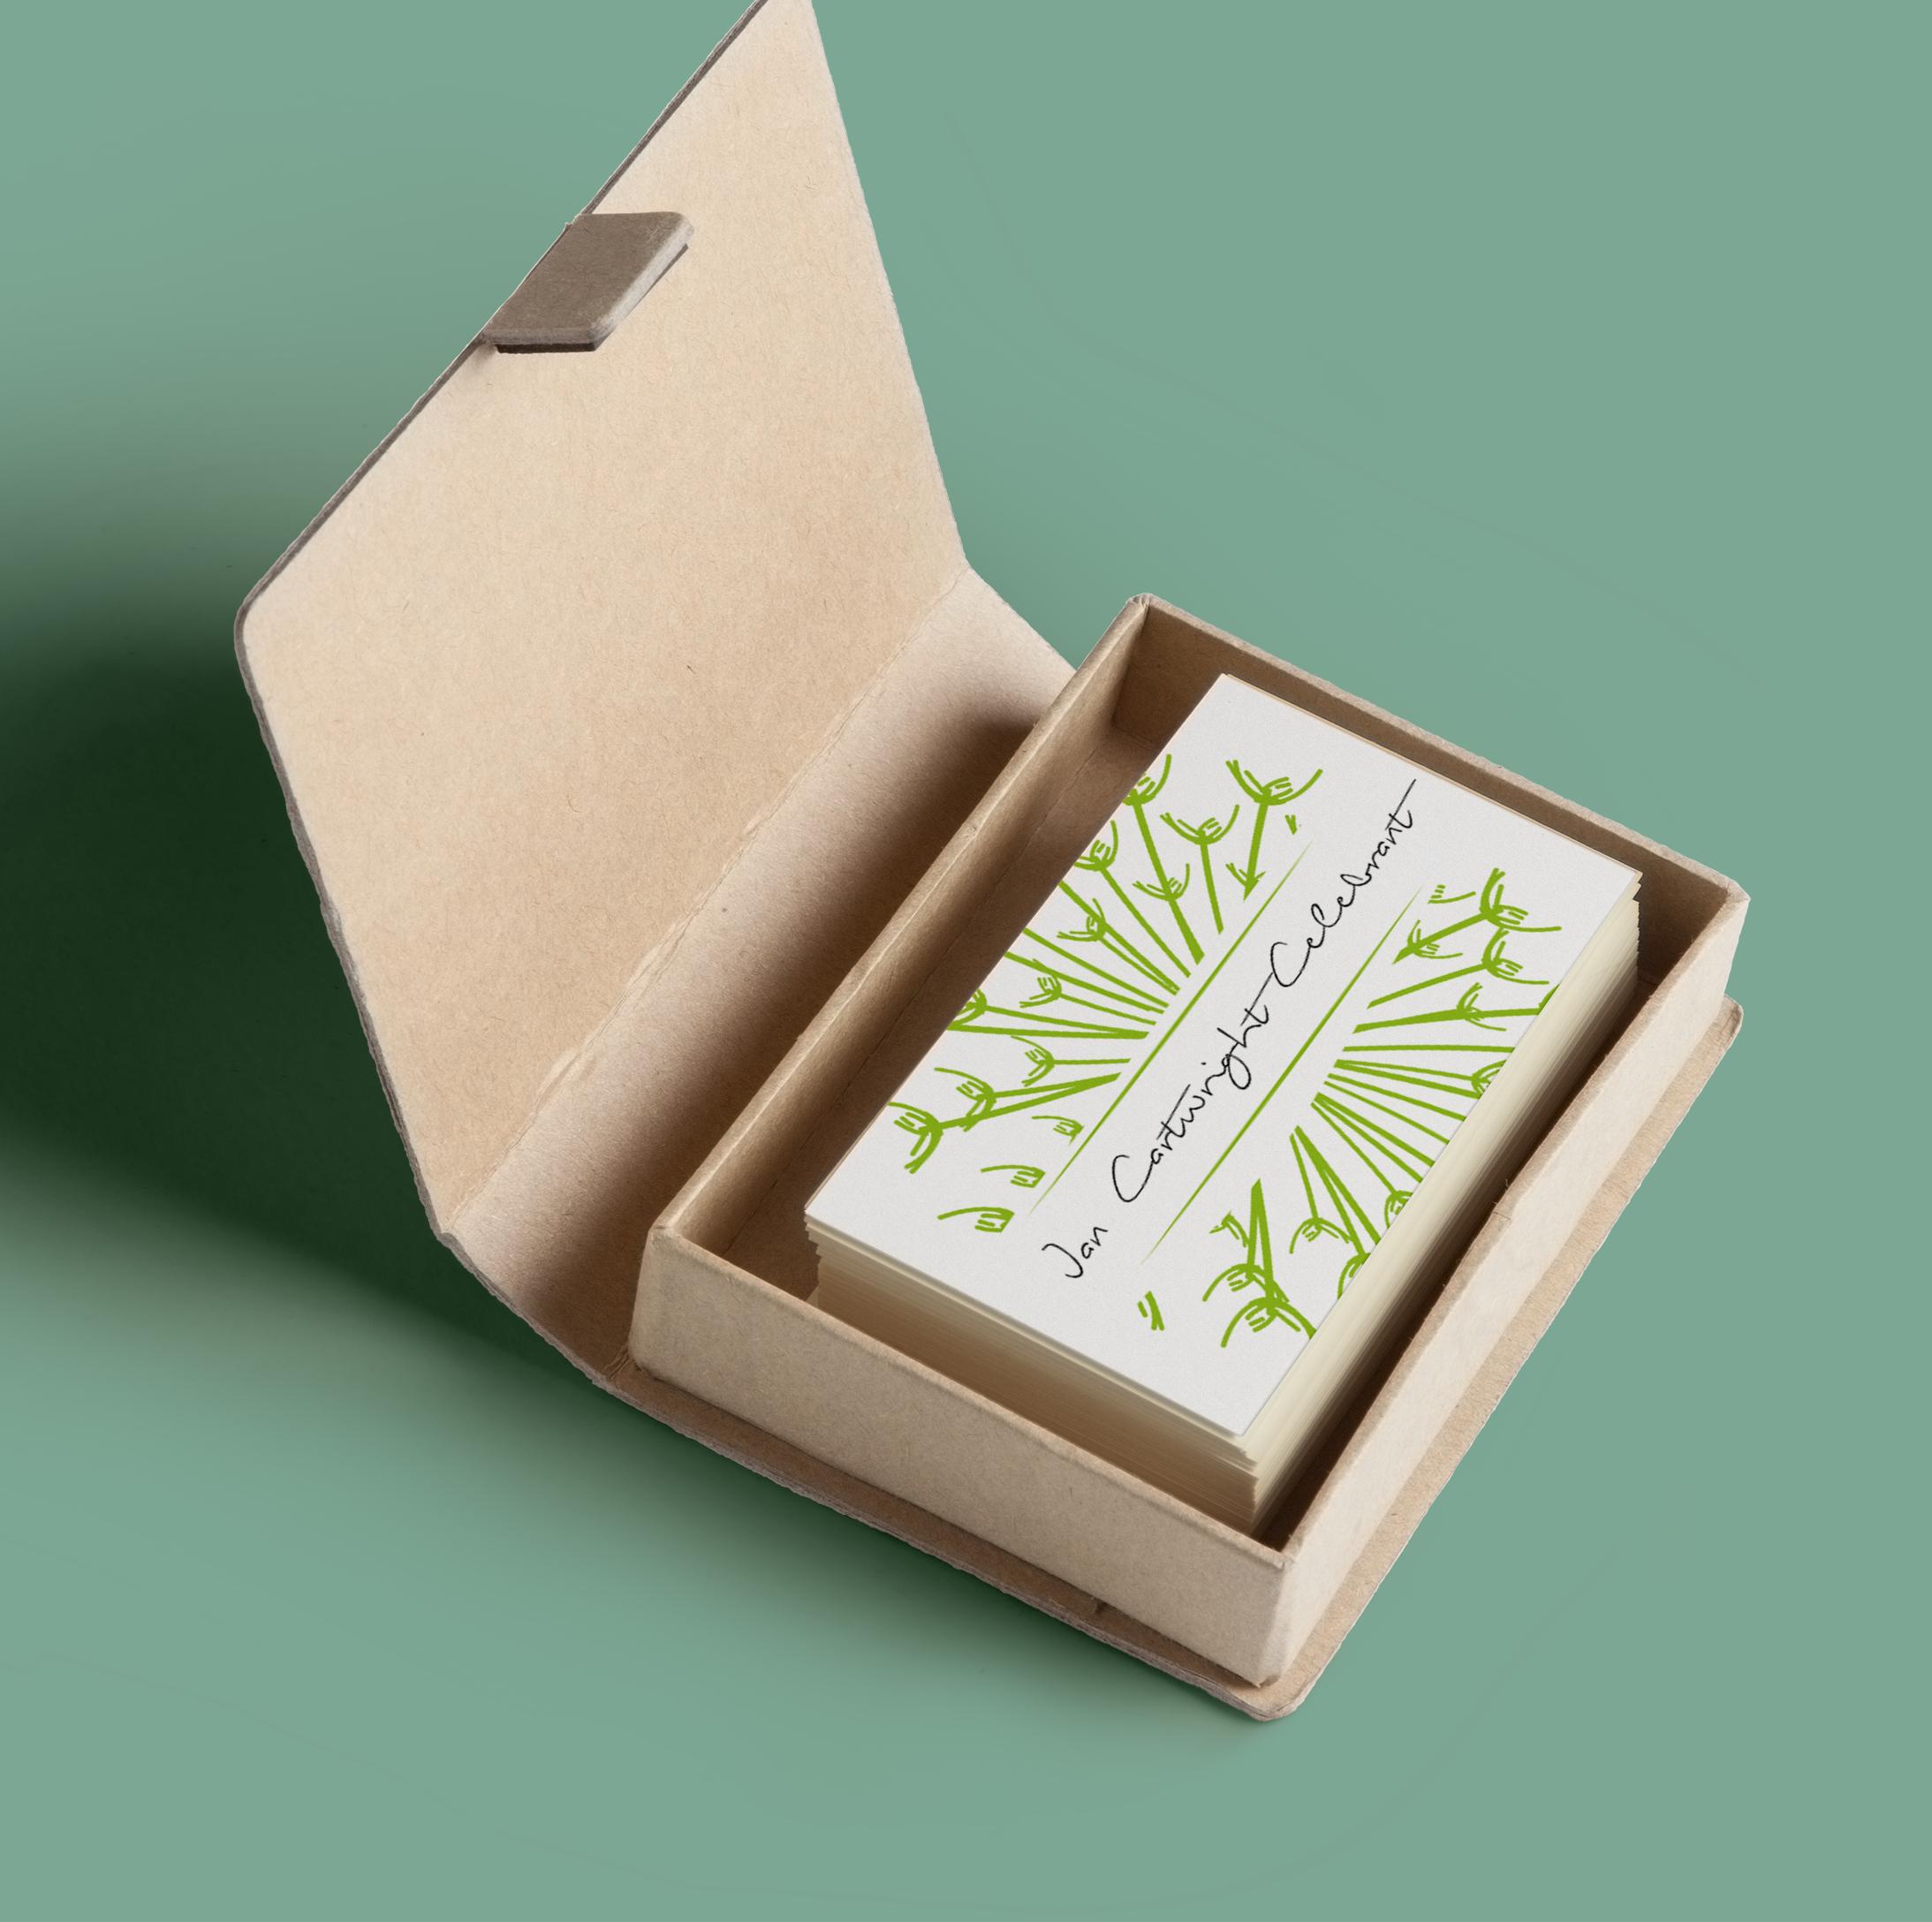 seeds of change logo business card mockup